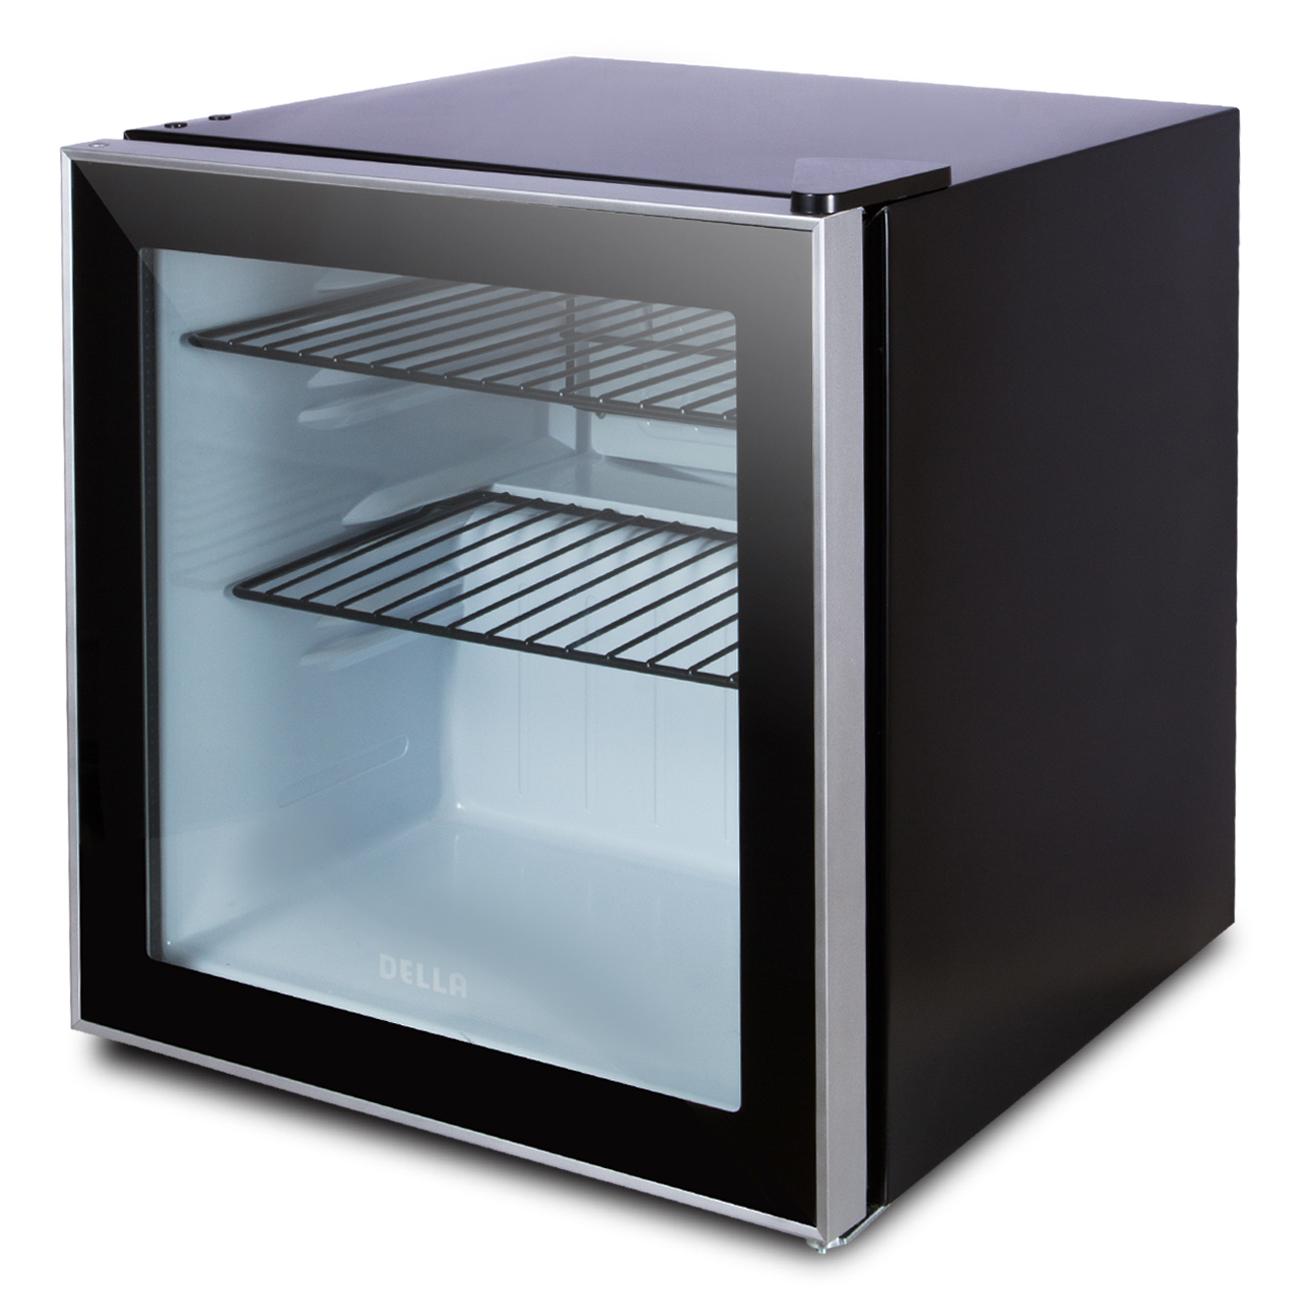 Image Result For Commercial Drink Cooler